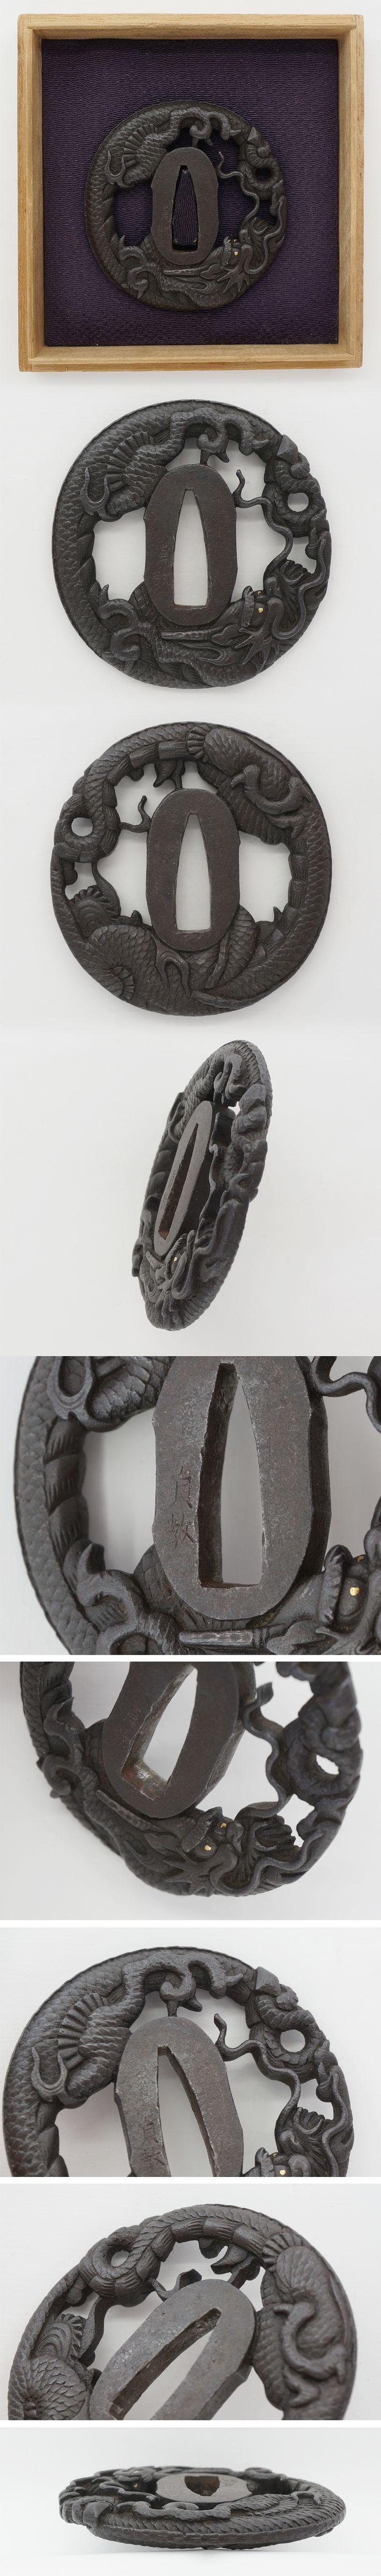 Tsuba : Sadakyo | Japanese Sword Shop Aoi-Art.